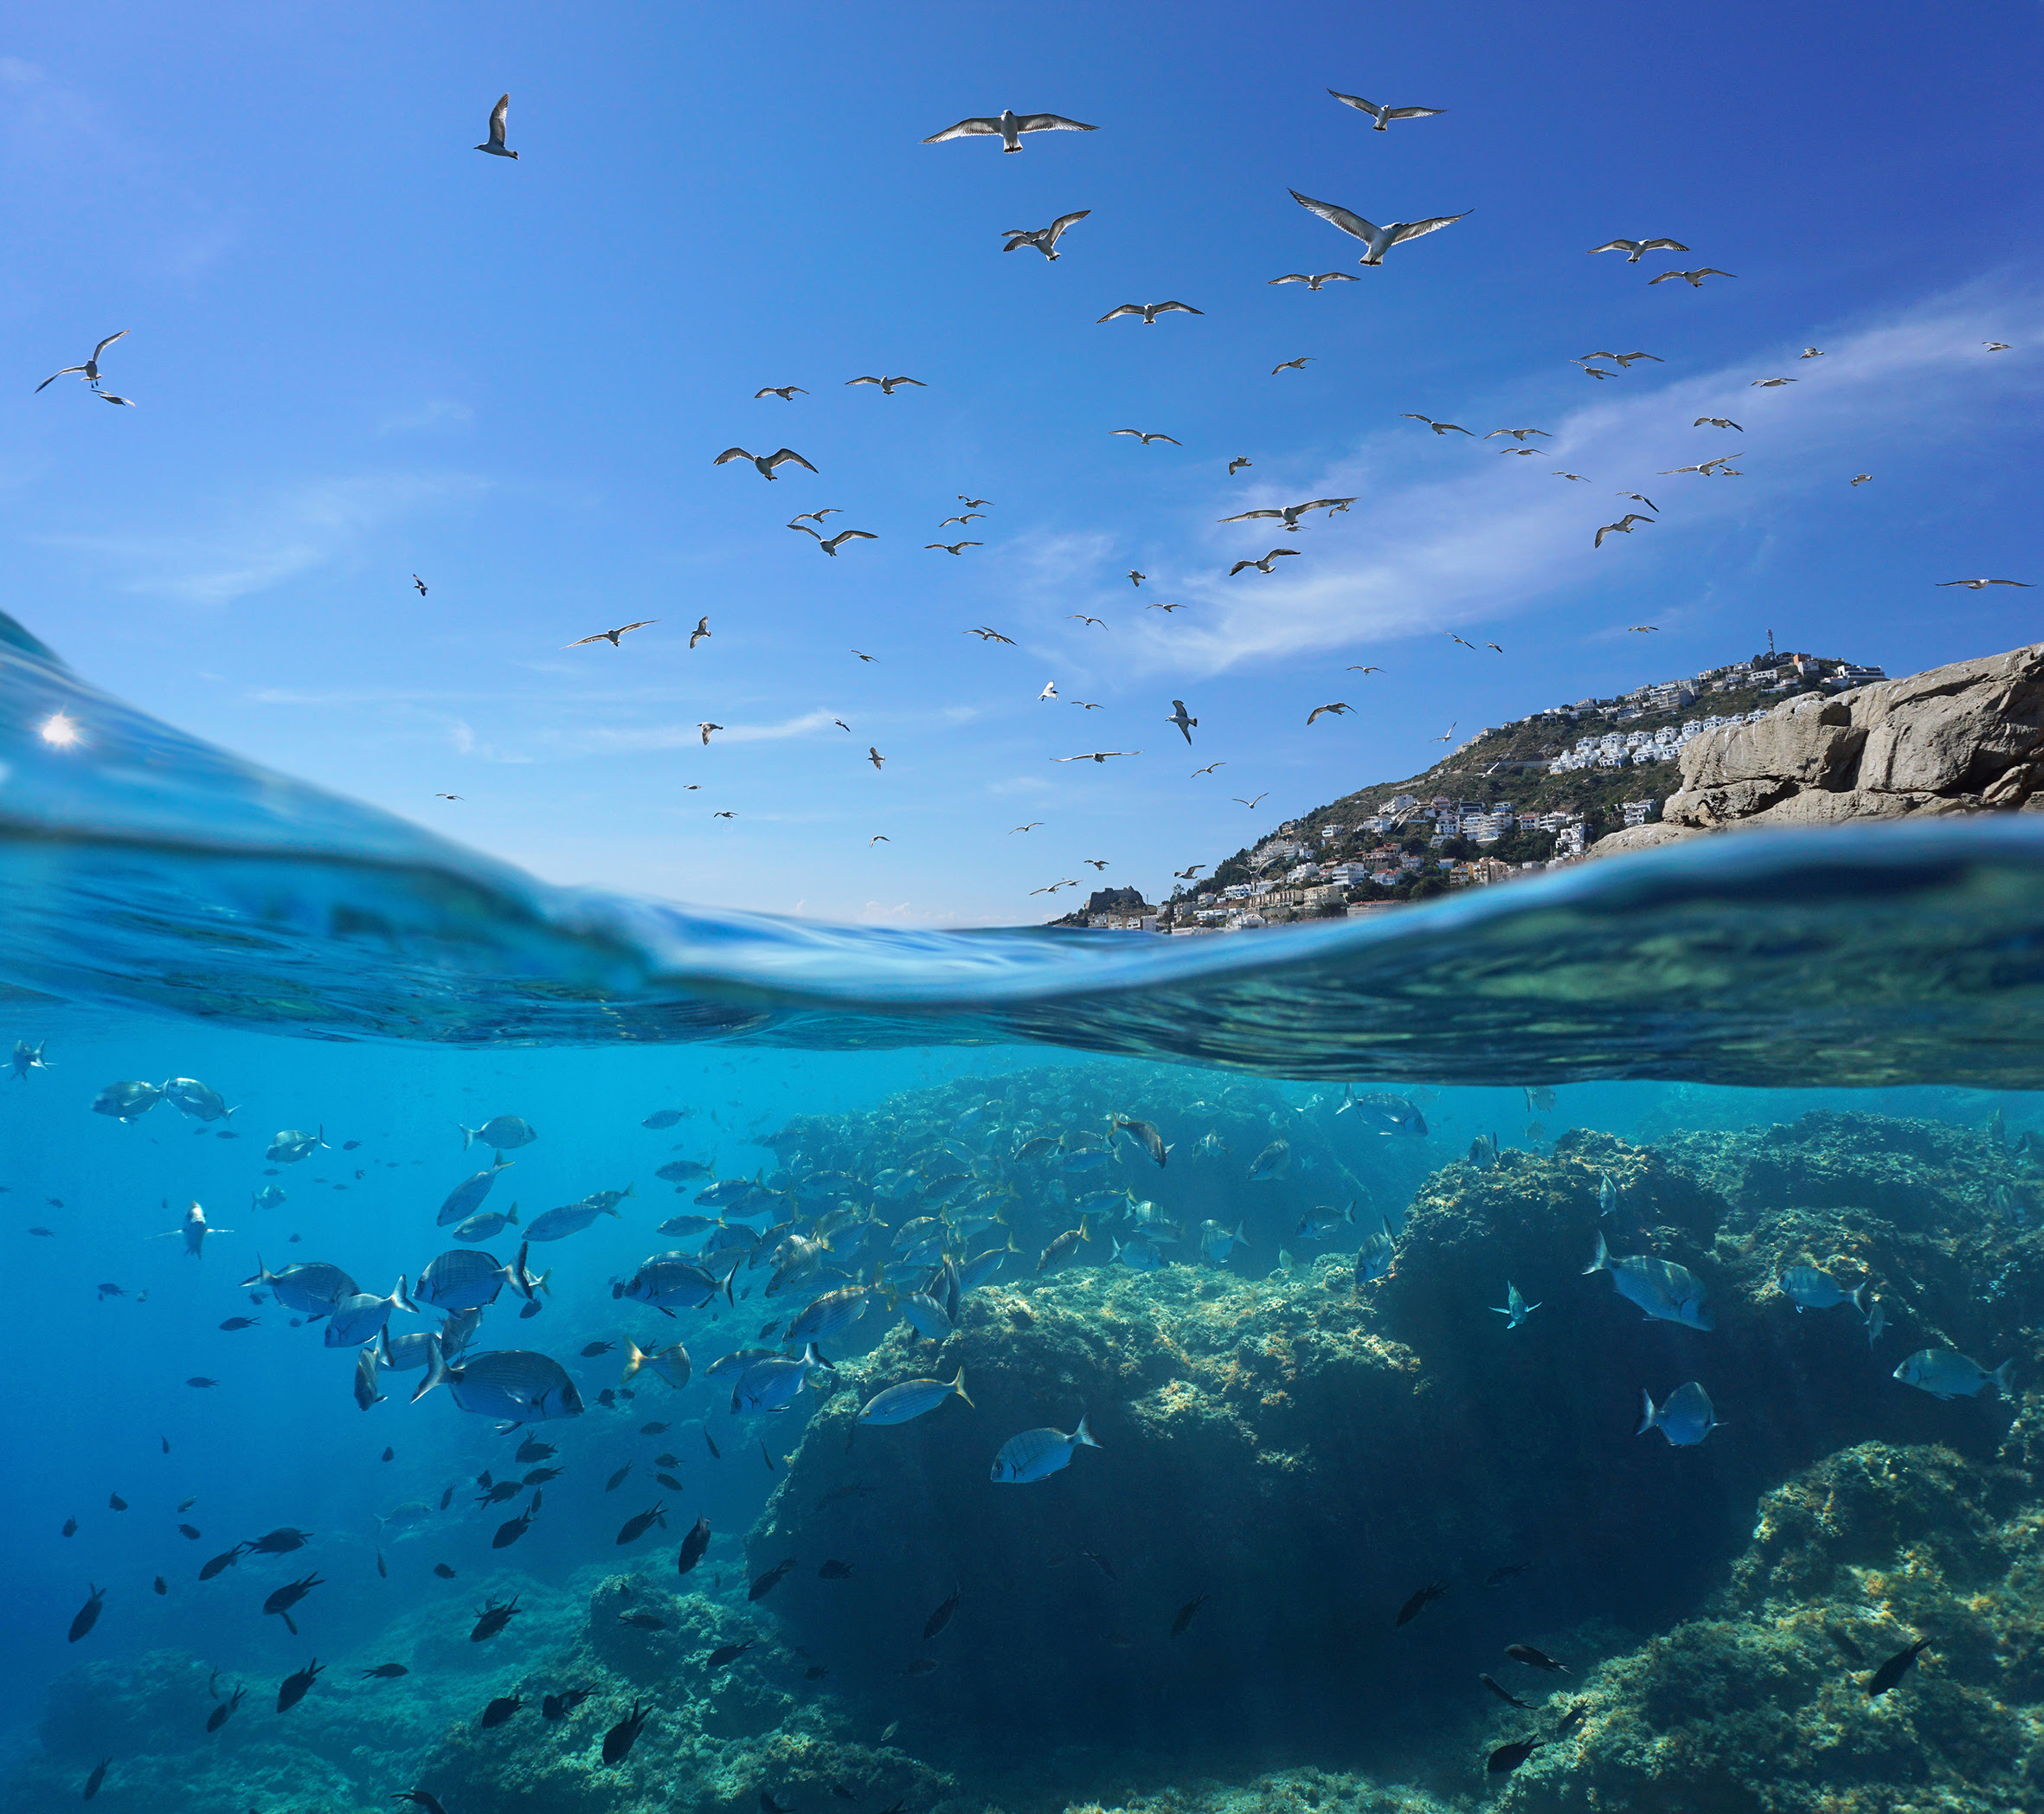 La costa levantina y el mar de Alborán, en España, es una de las zonas cuya conservación resulta clave para recuperar la biodiversidad. Imagen: WWF